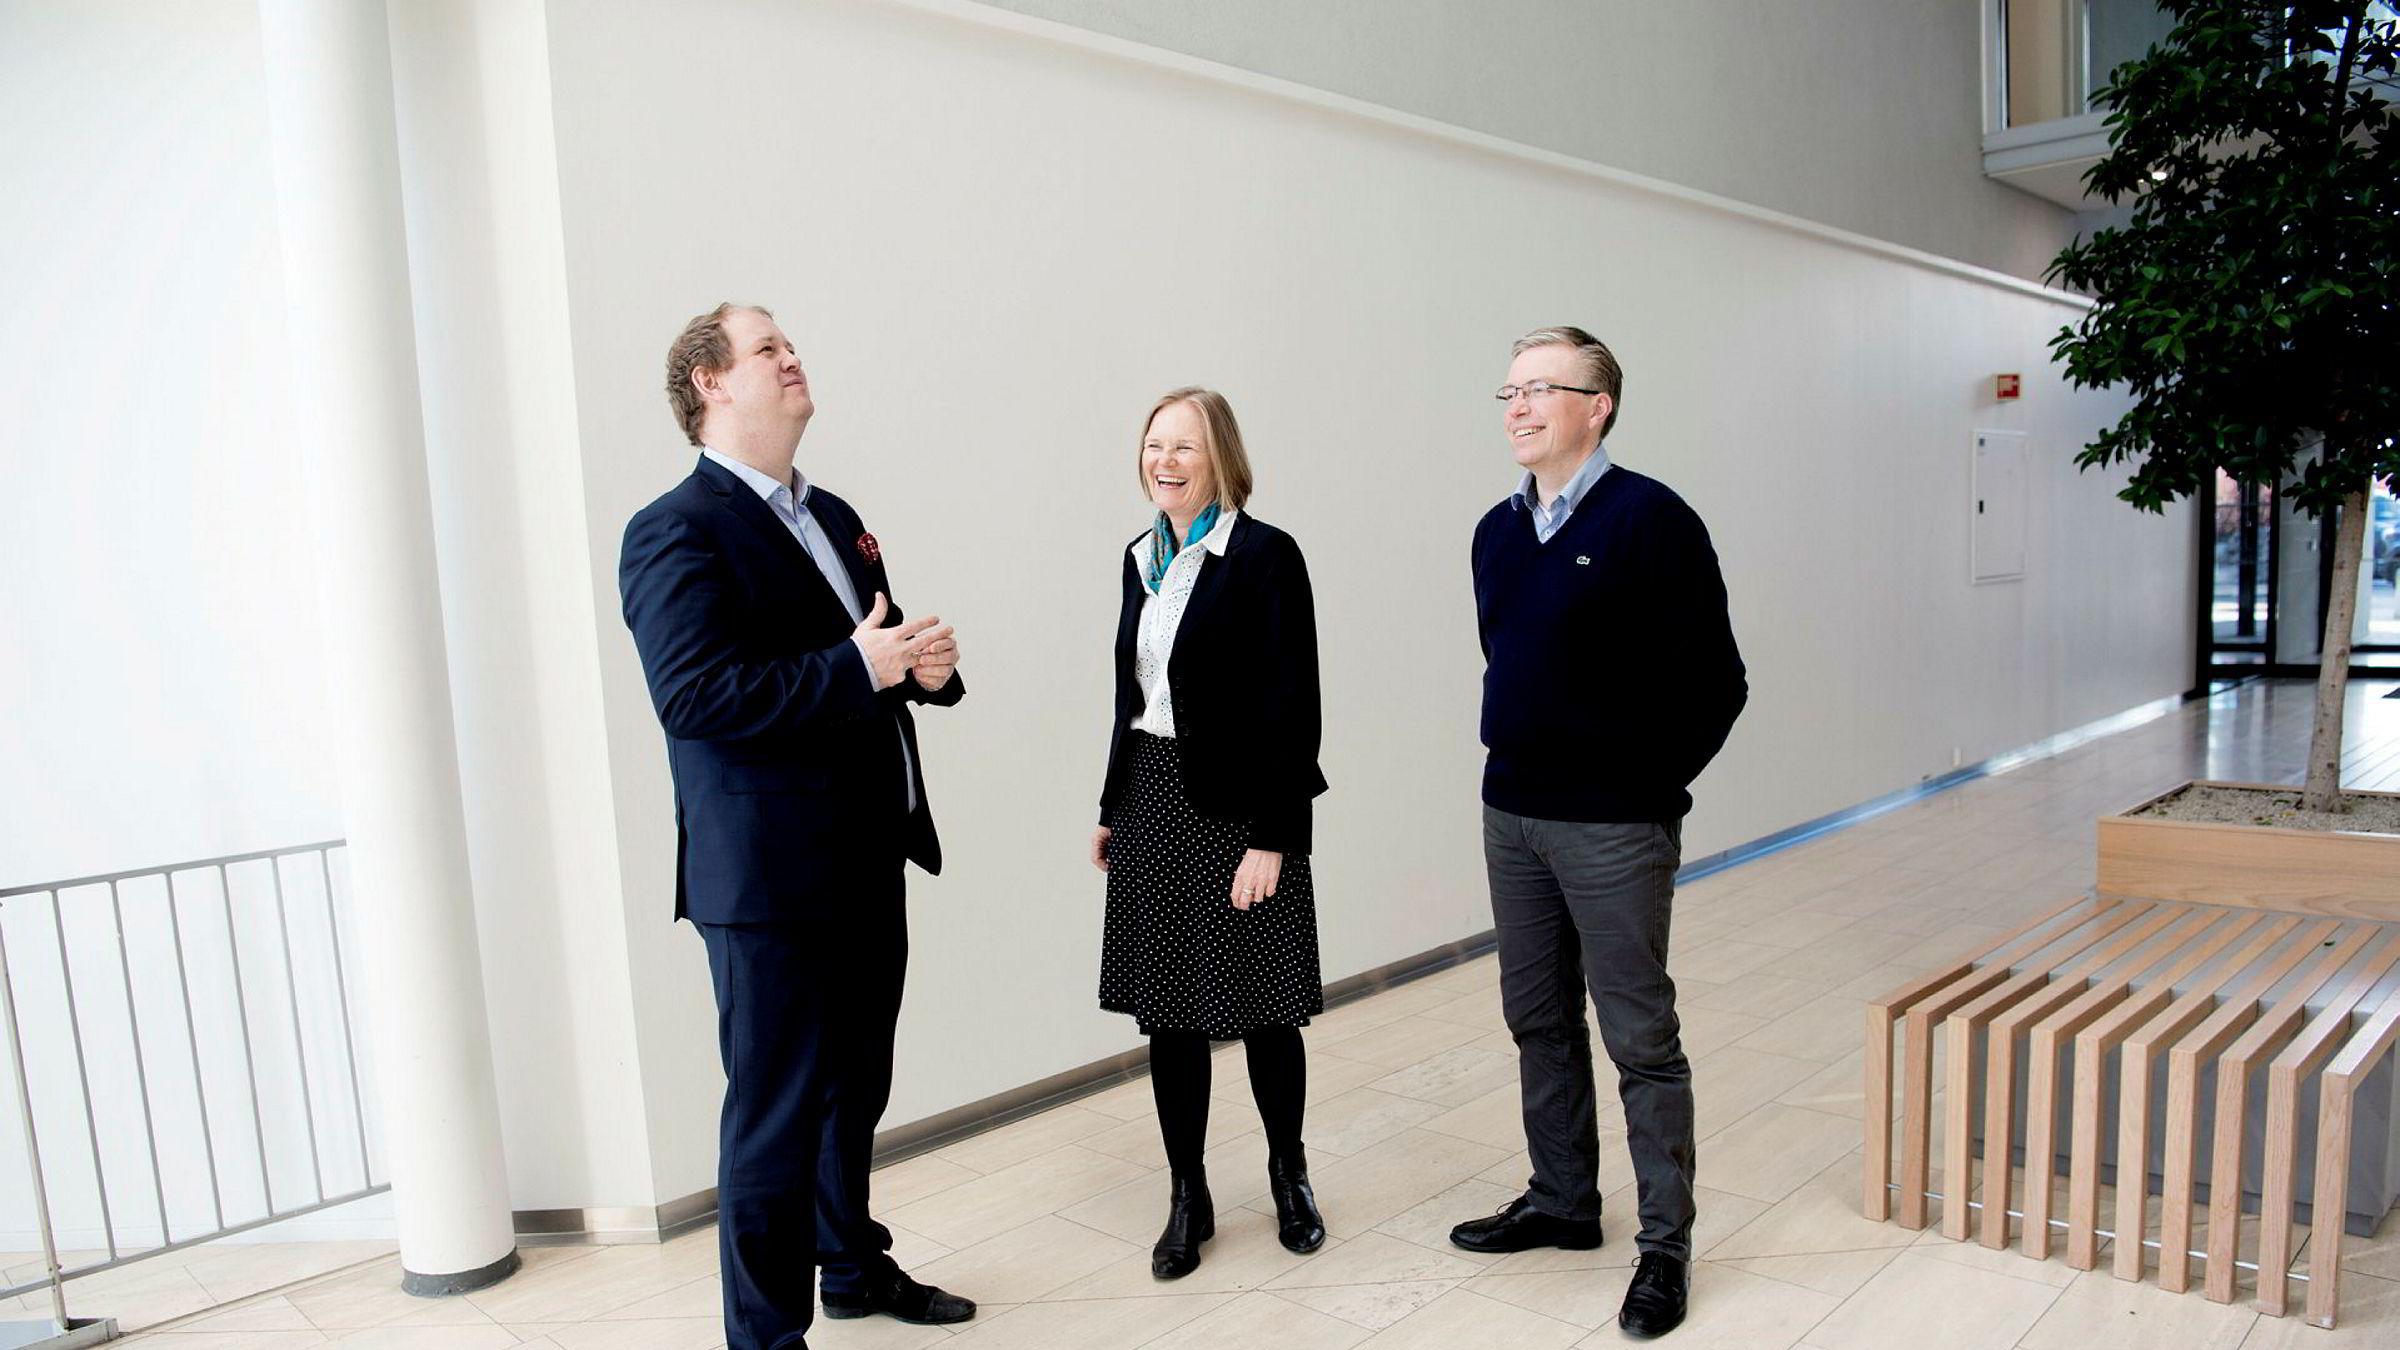 HR-topp Cathrin Bretzeg i Magseis, Reidar Myrvang (til høyre) fra Lederrådgivning og daglig leder og partner Erik Falk Hansen i rekrutterings- og omstillingsbedriften OG-S mener det er en myte at folk over 50 år sliter med å få ny jobb.